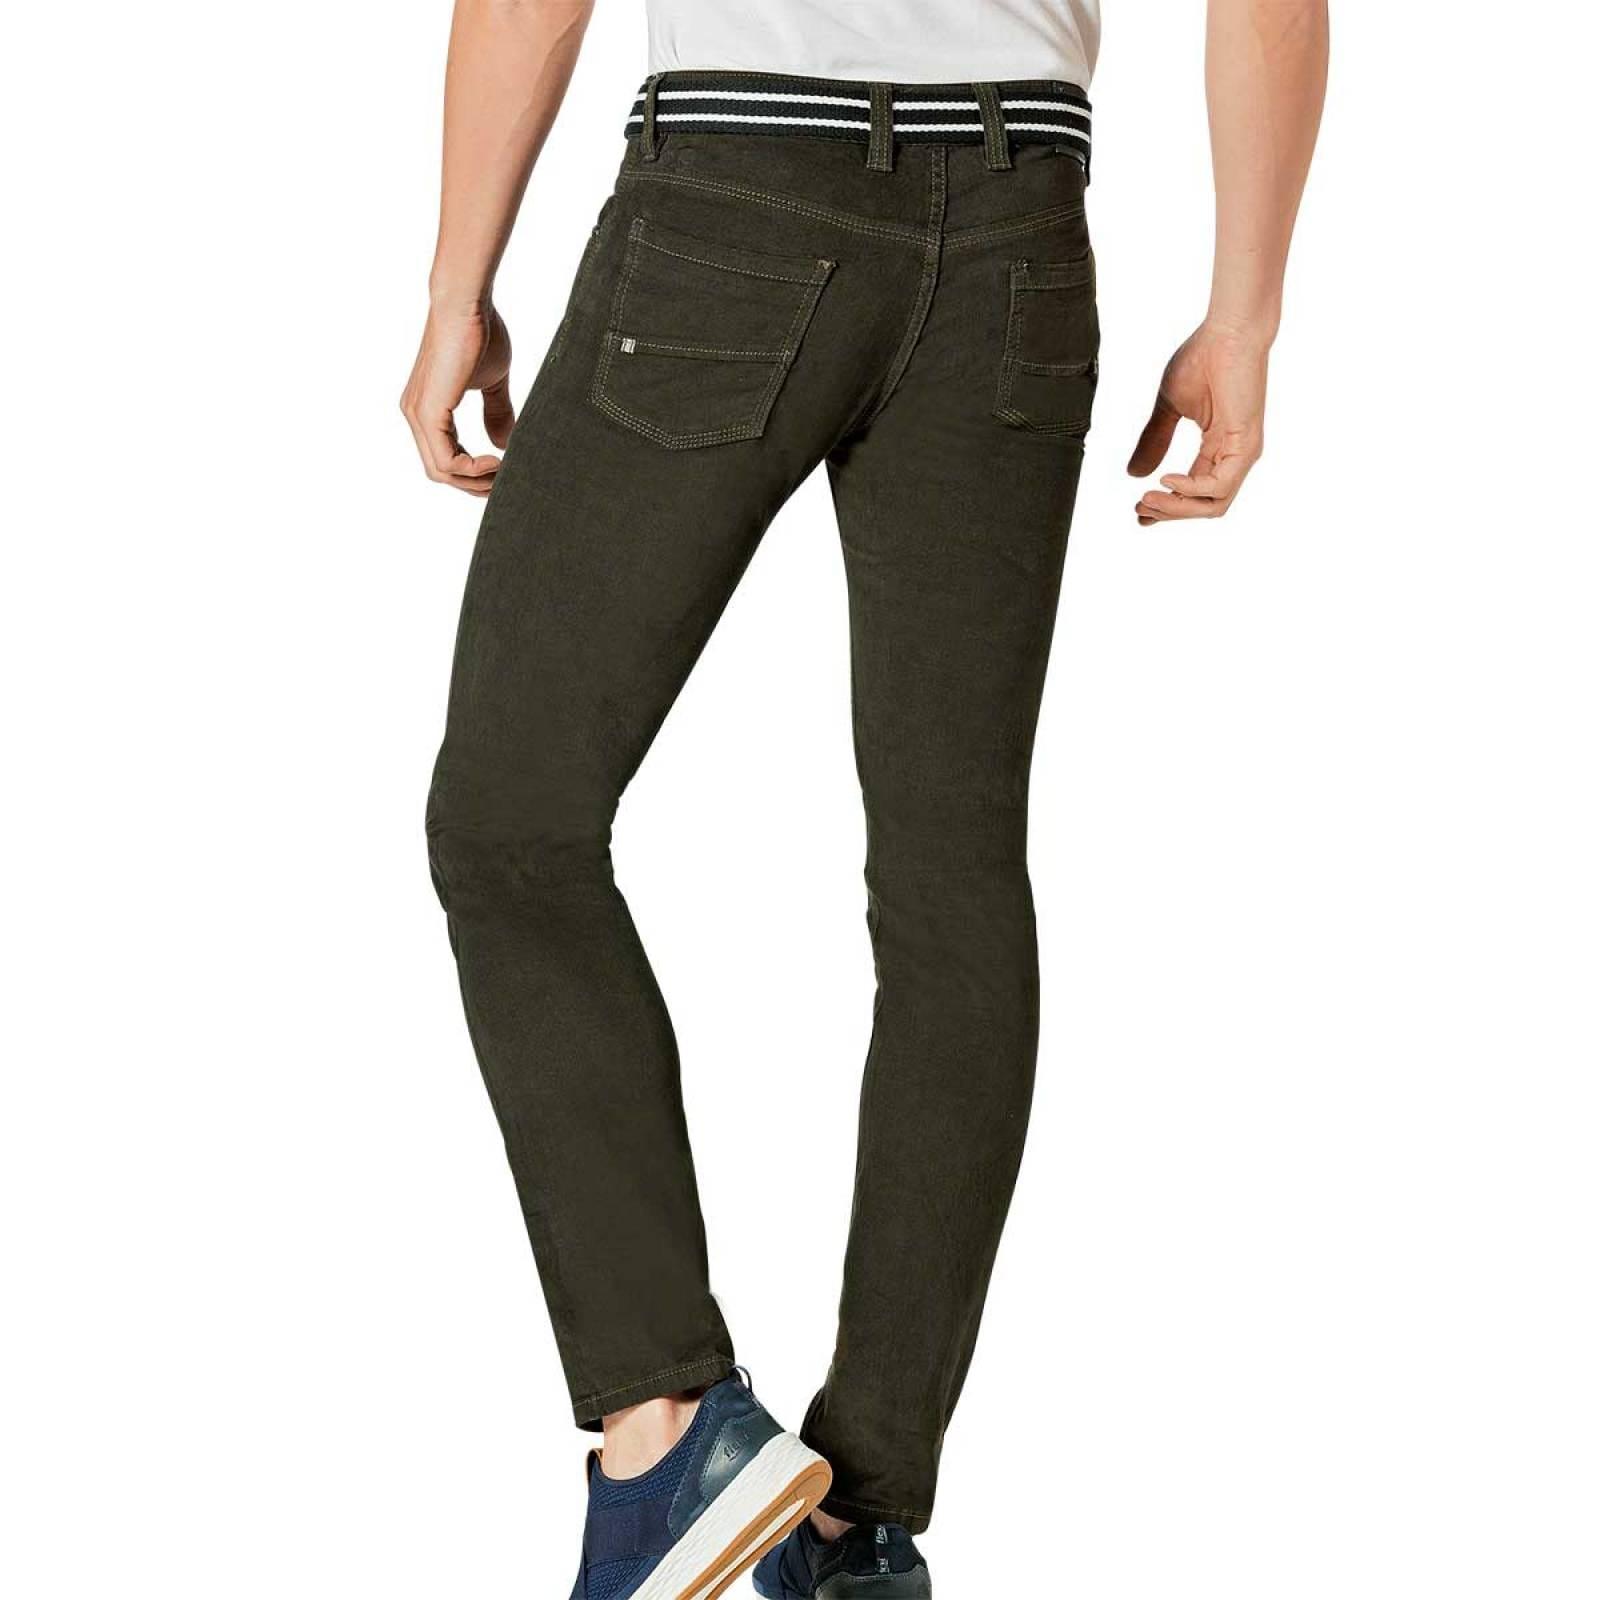 Yukuyata jeans Jeans Hombre Olivo